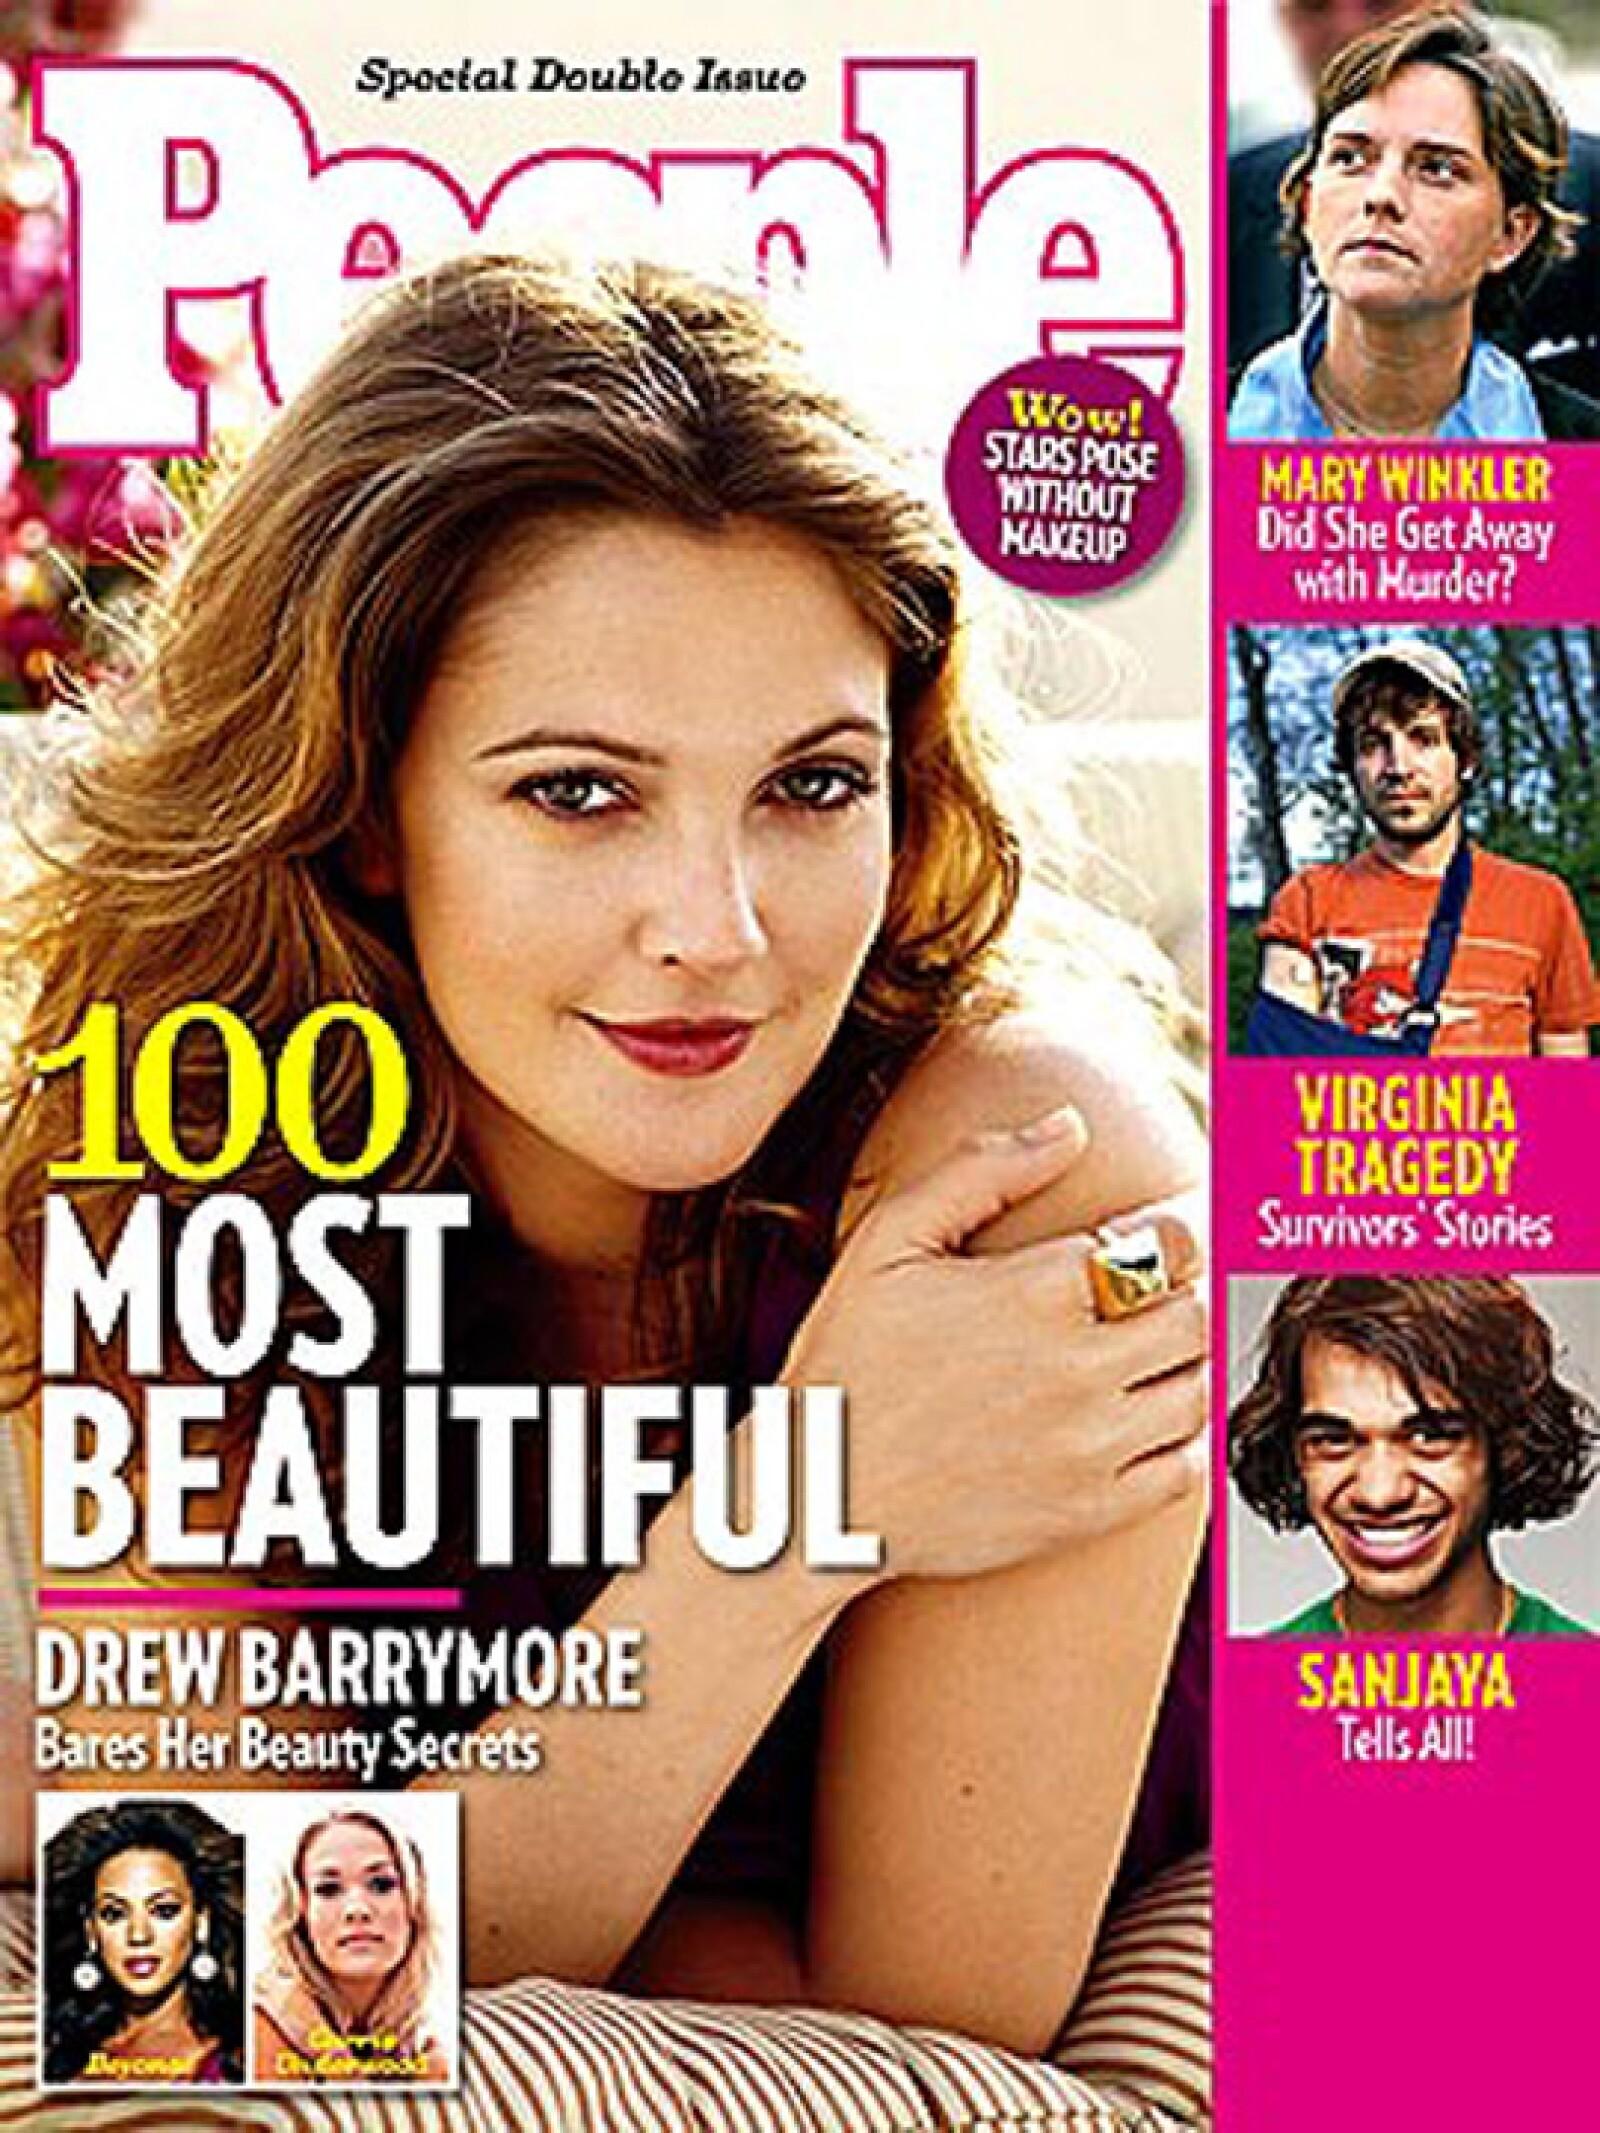 Drew Barrymore, una de las favoritas de la revista fue la más bella del 2007.